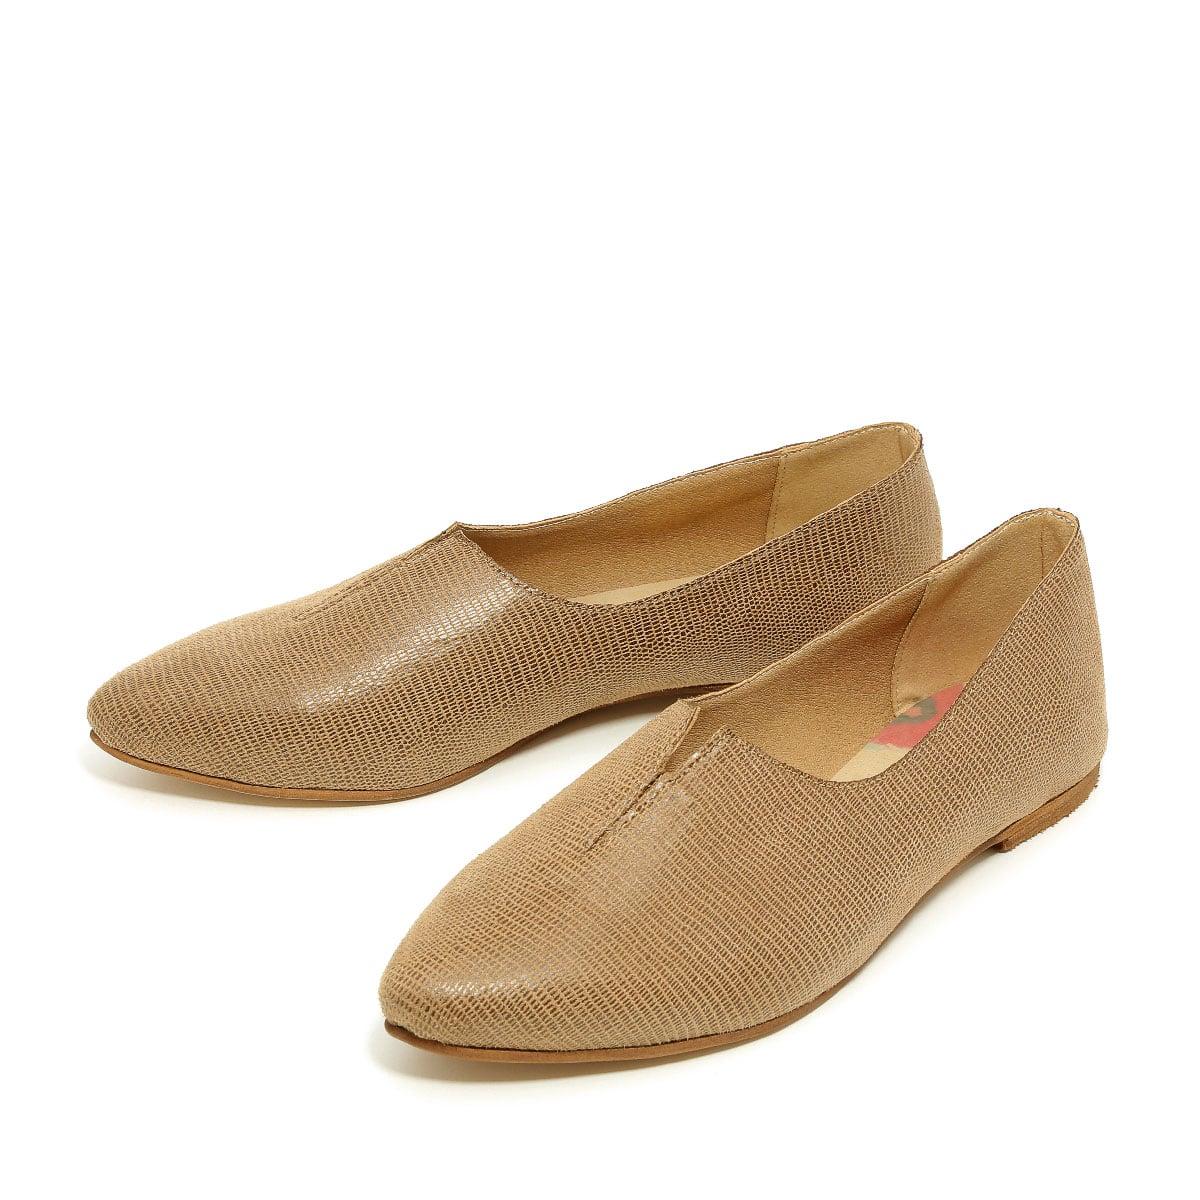 דגם קלואי: נעלי שפיץ טבעוניות לנשים